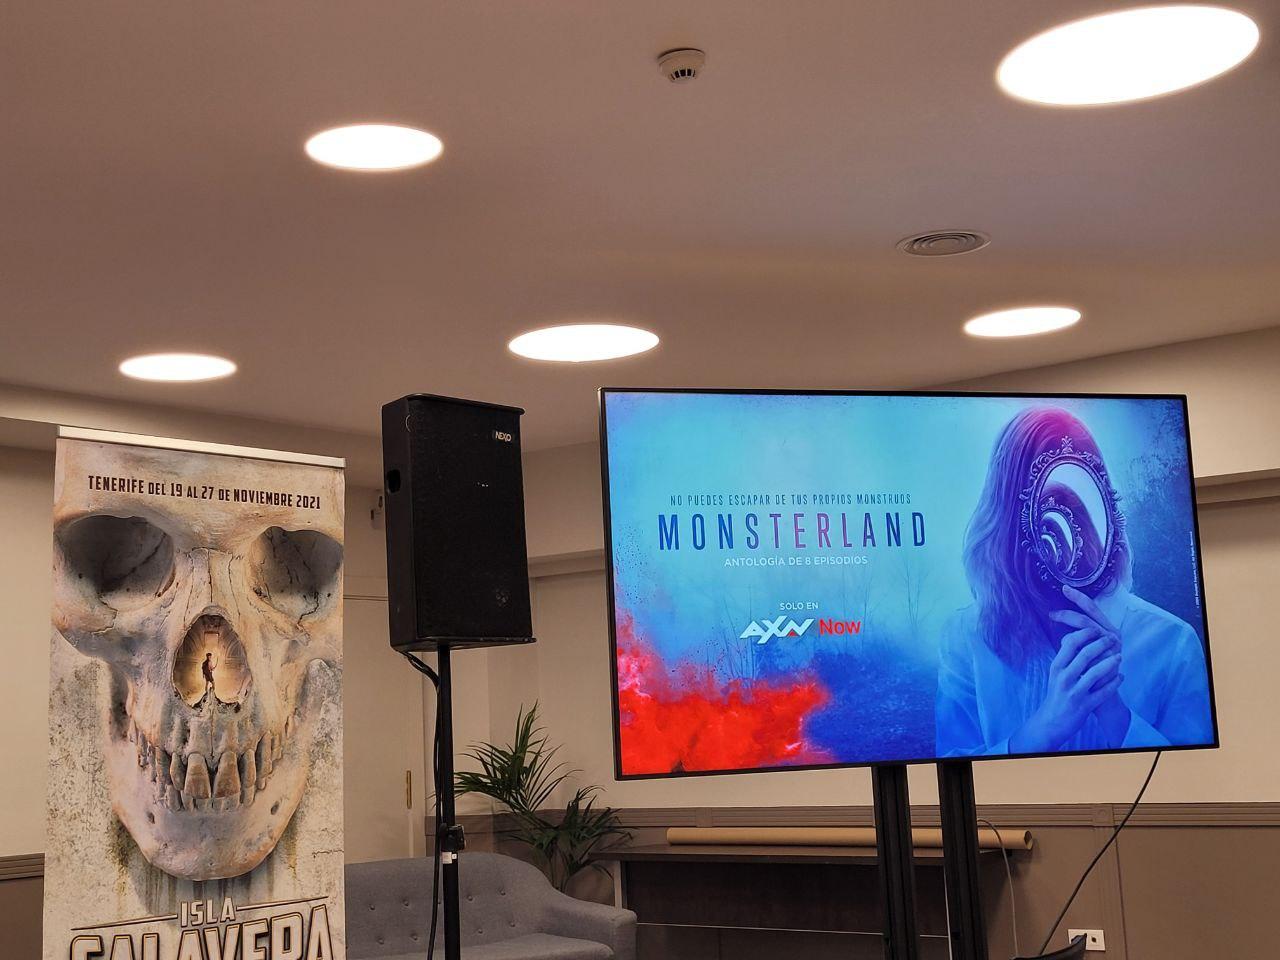 Los dos primeros episodios de la serie 'Monsterland' de AXN se podrán ver en Isla Calavera, por primera vez en pantalla grande en España.